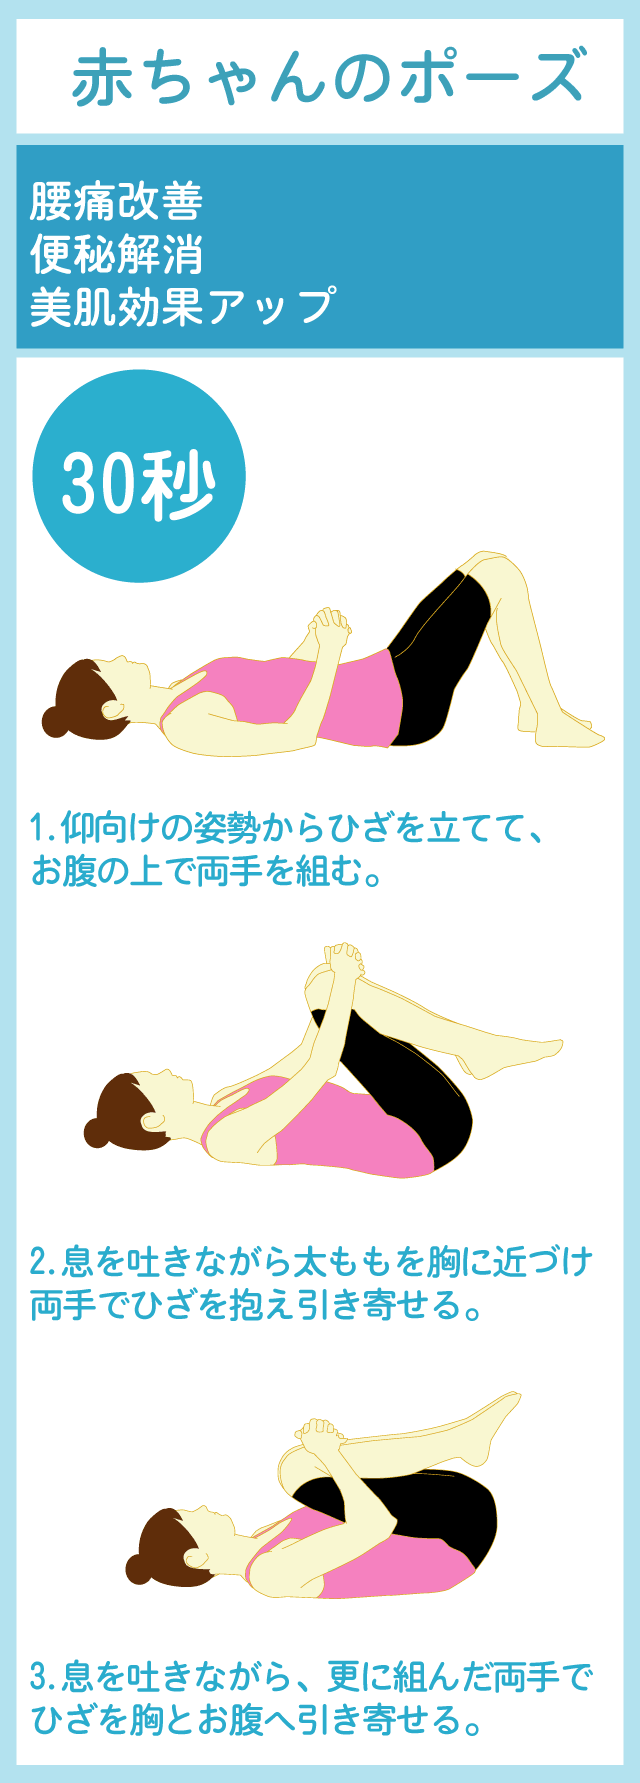 赤ちゃんのポーズ